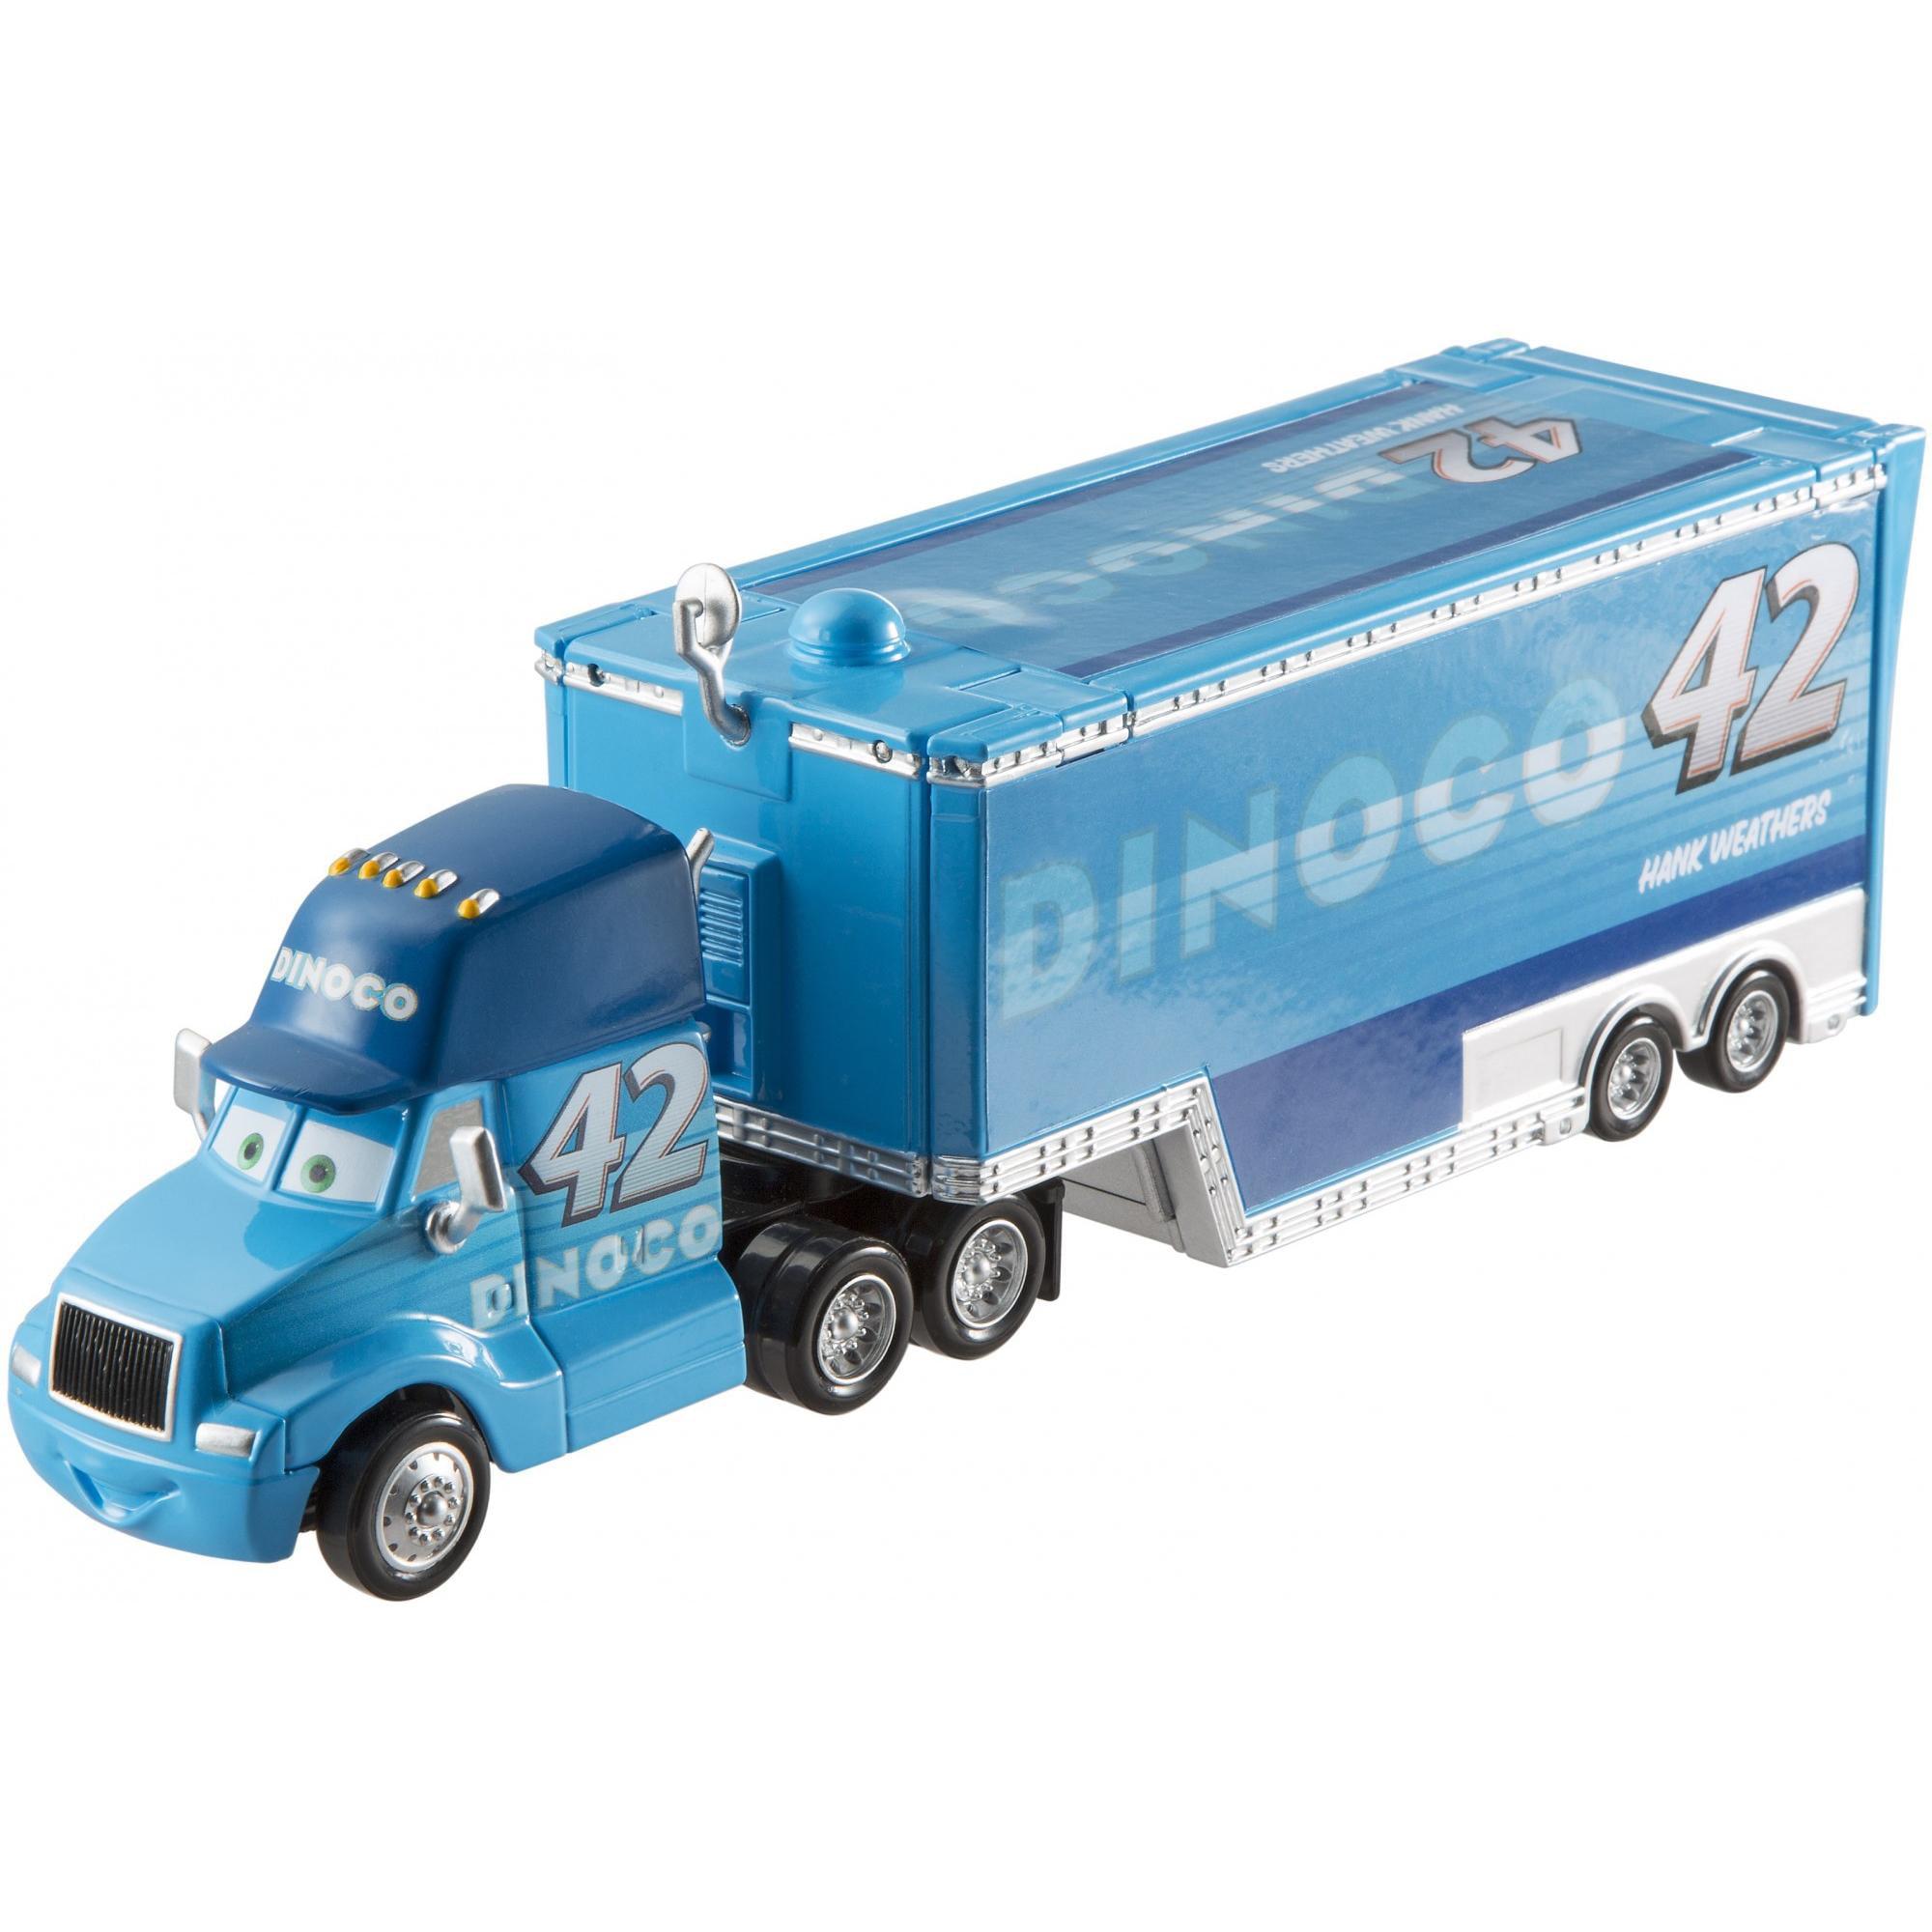 disneypixar cars 3 cal weathers hauler die cast vehicle